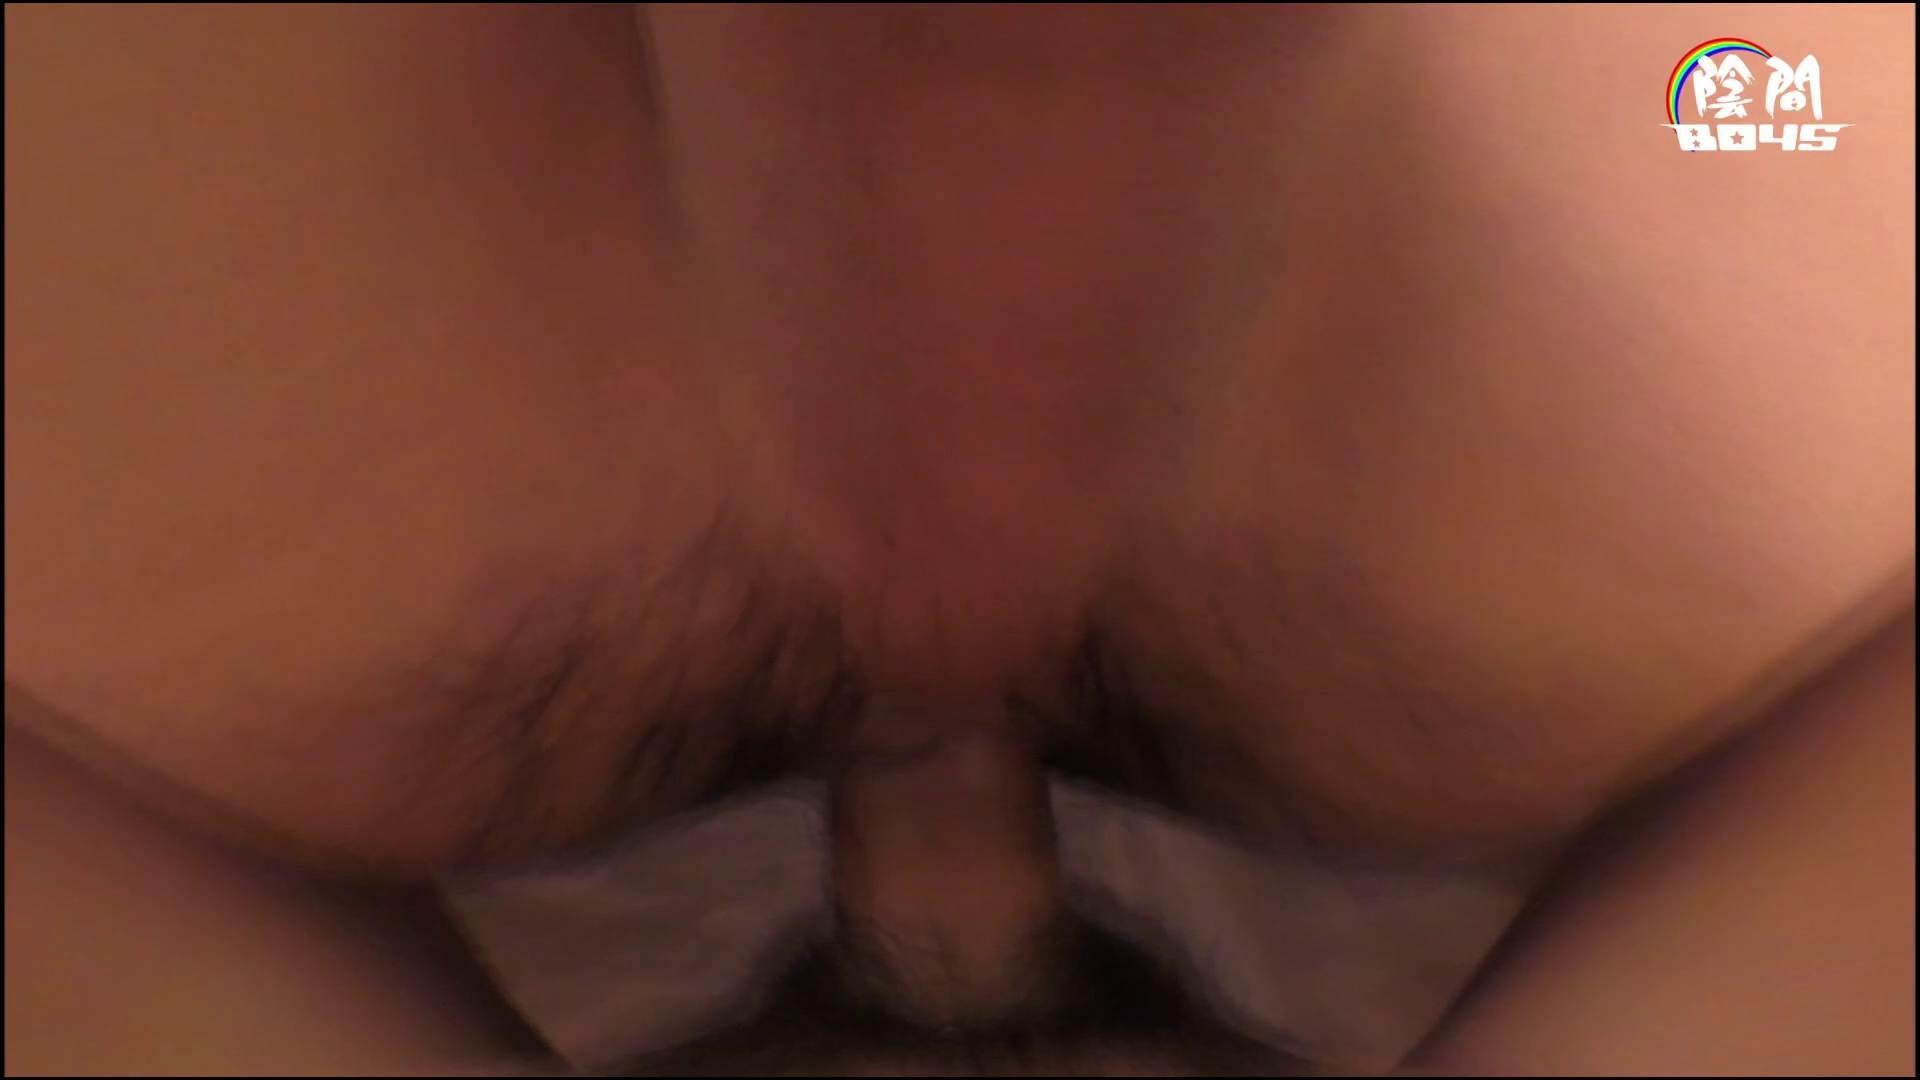 「君のアナルは」part2 ~ノンケの素顔~ Vol.07 肉 ゲイ流出動画キャプチャ 91画像 56